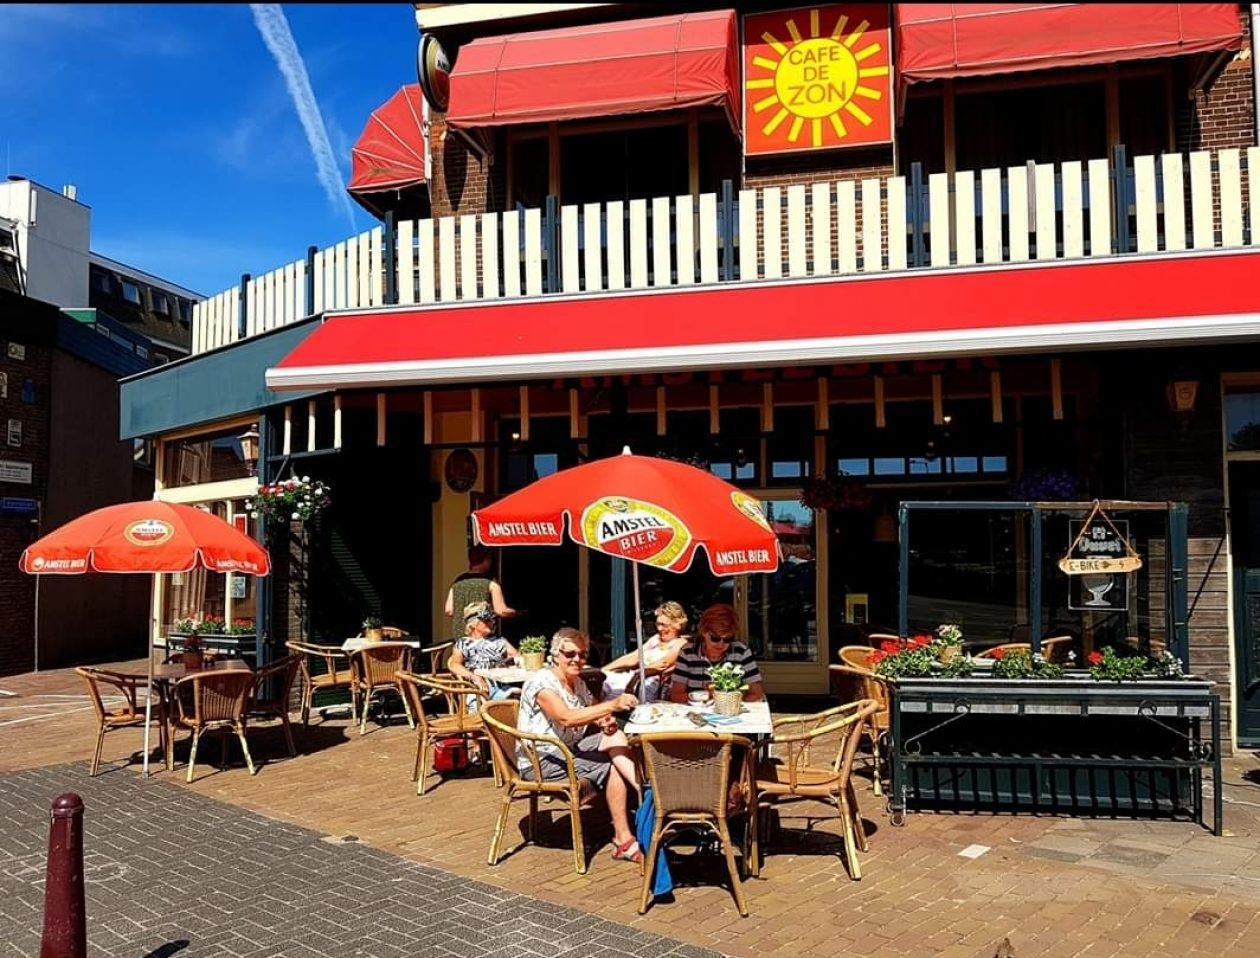 Café de Zon – Wijk aan Zee